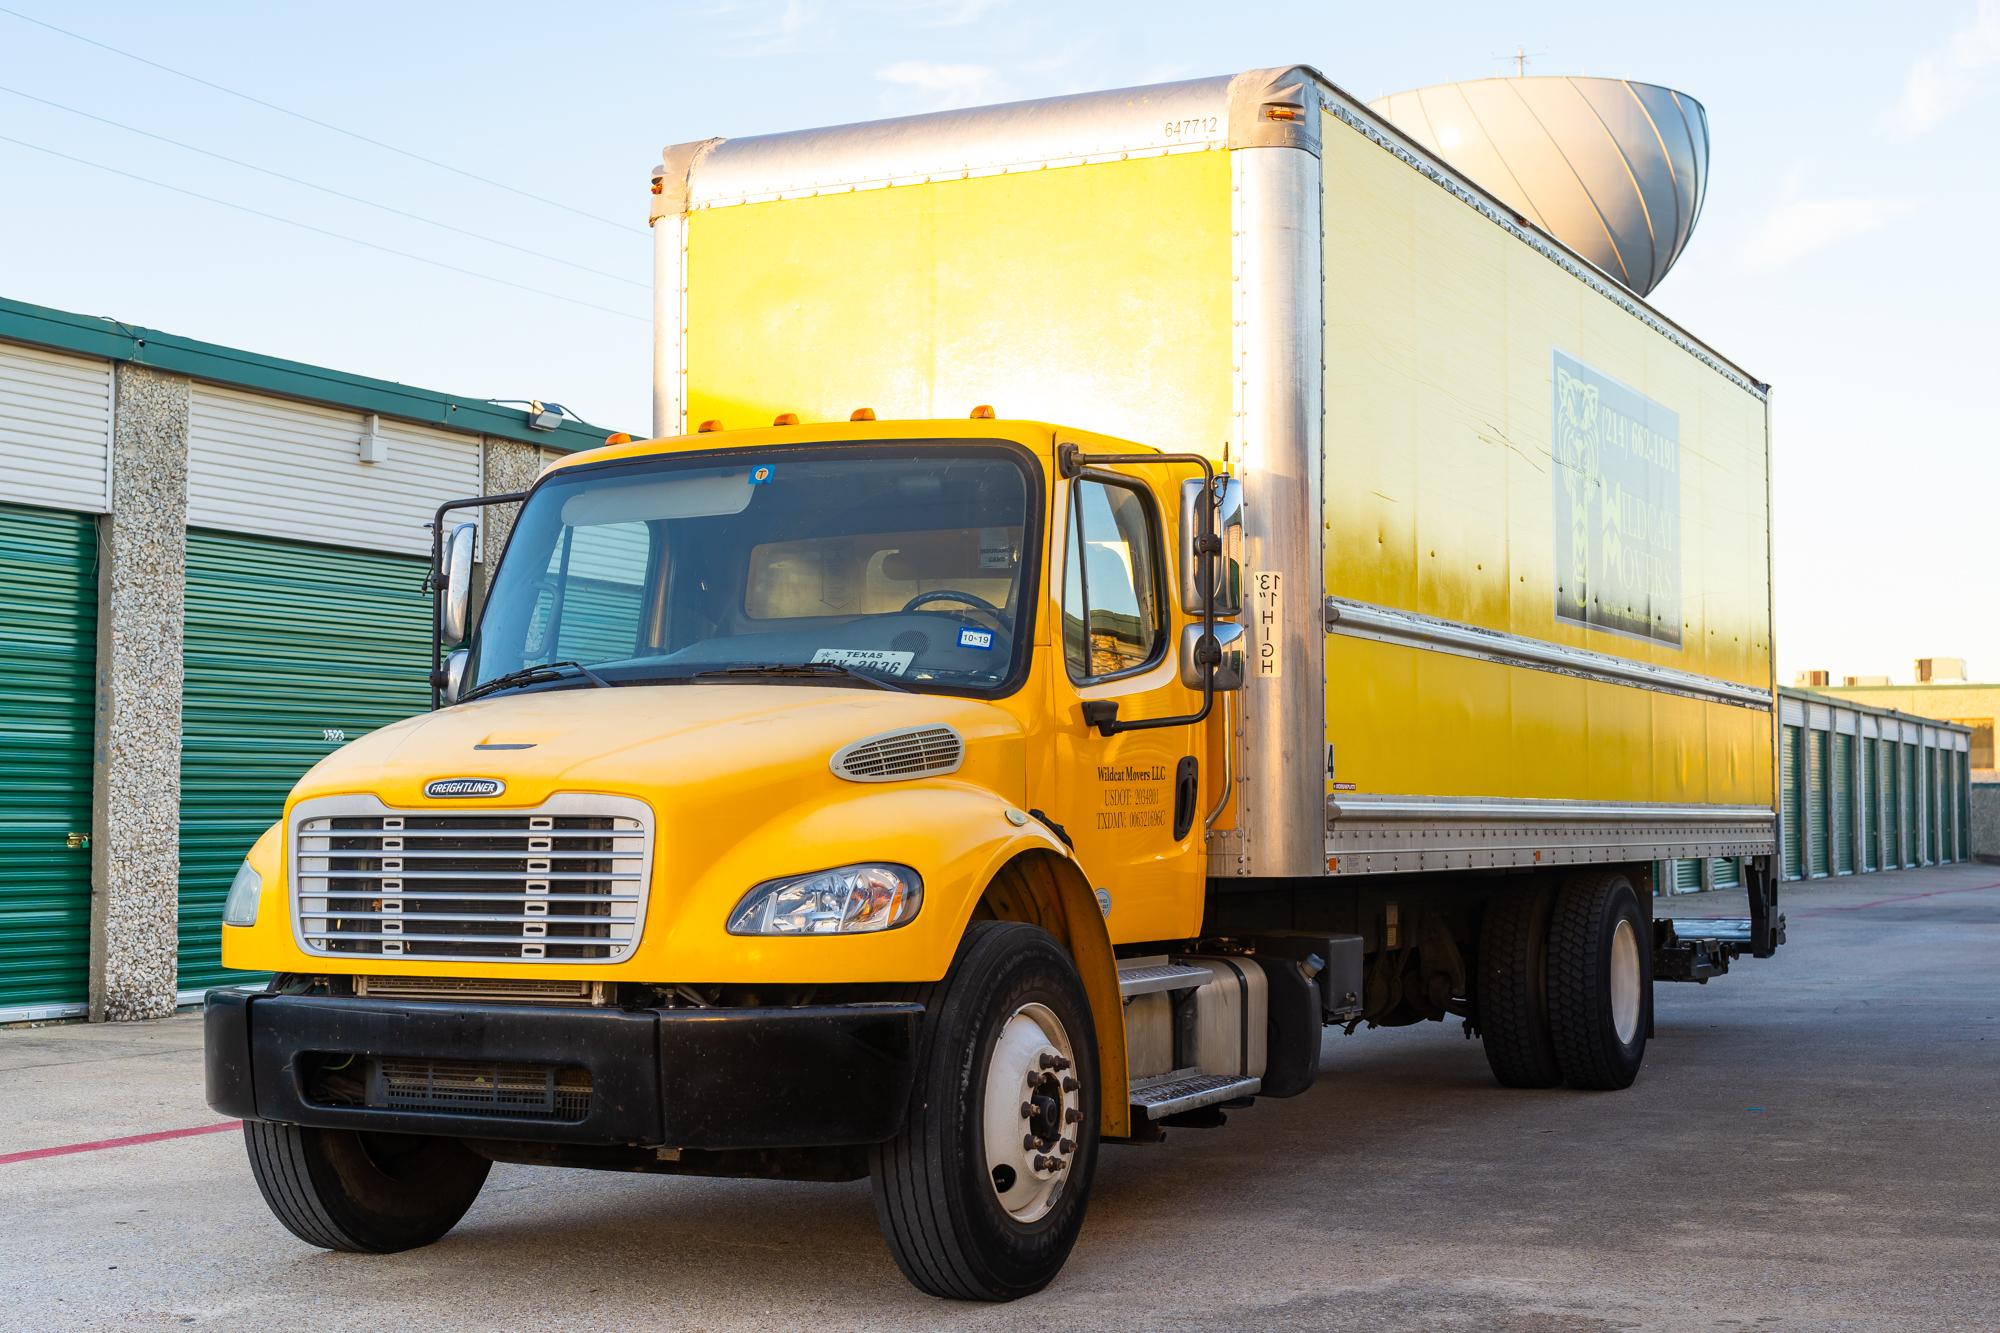 Wildcat Movers Truck Wildcat Movers